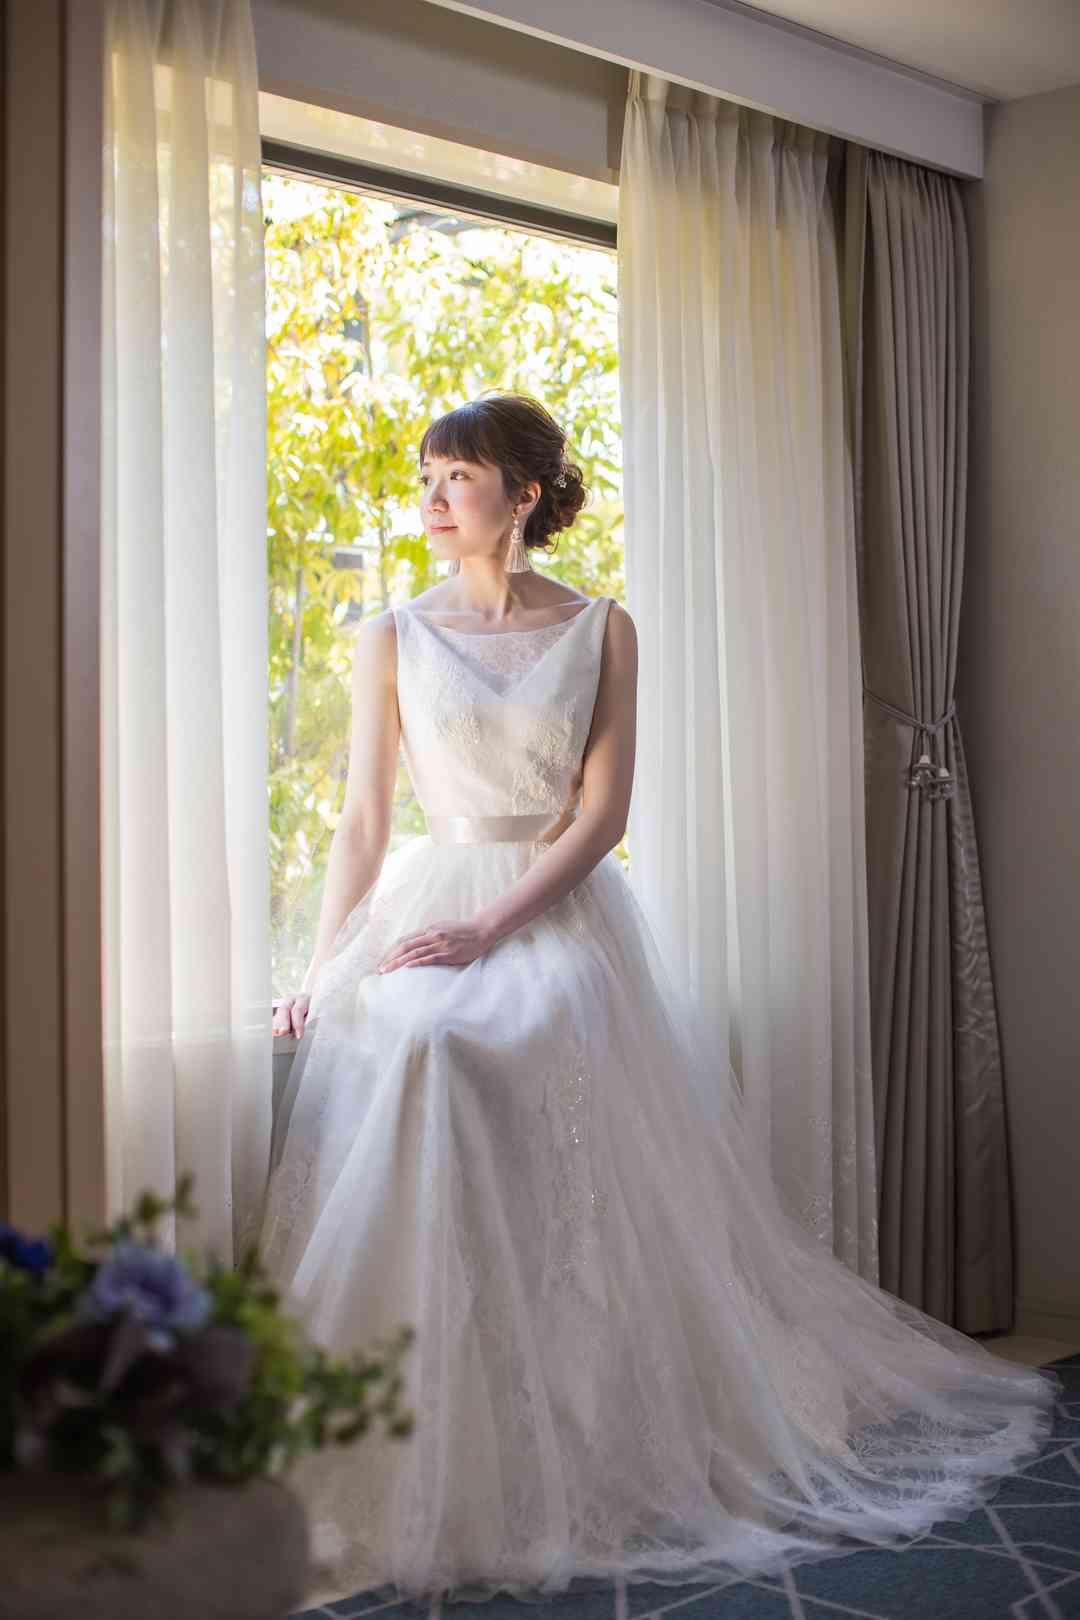 ホテルメトロポリタン ドレス・衣装